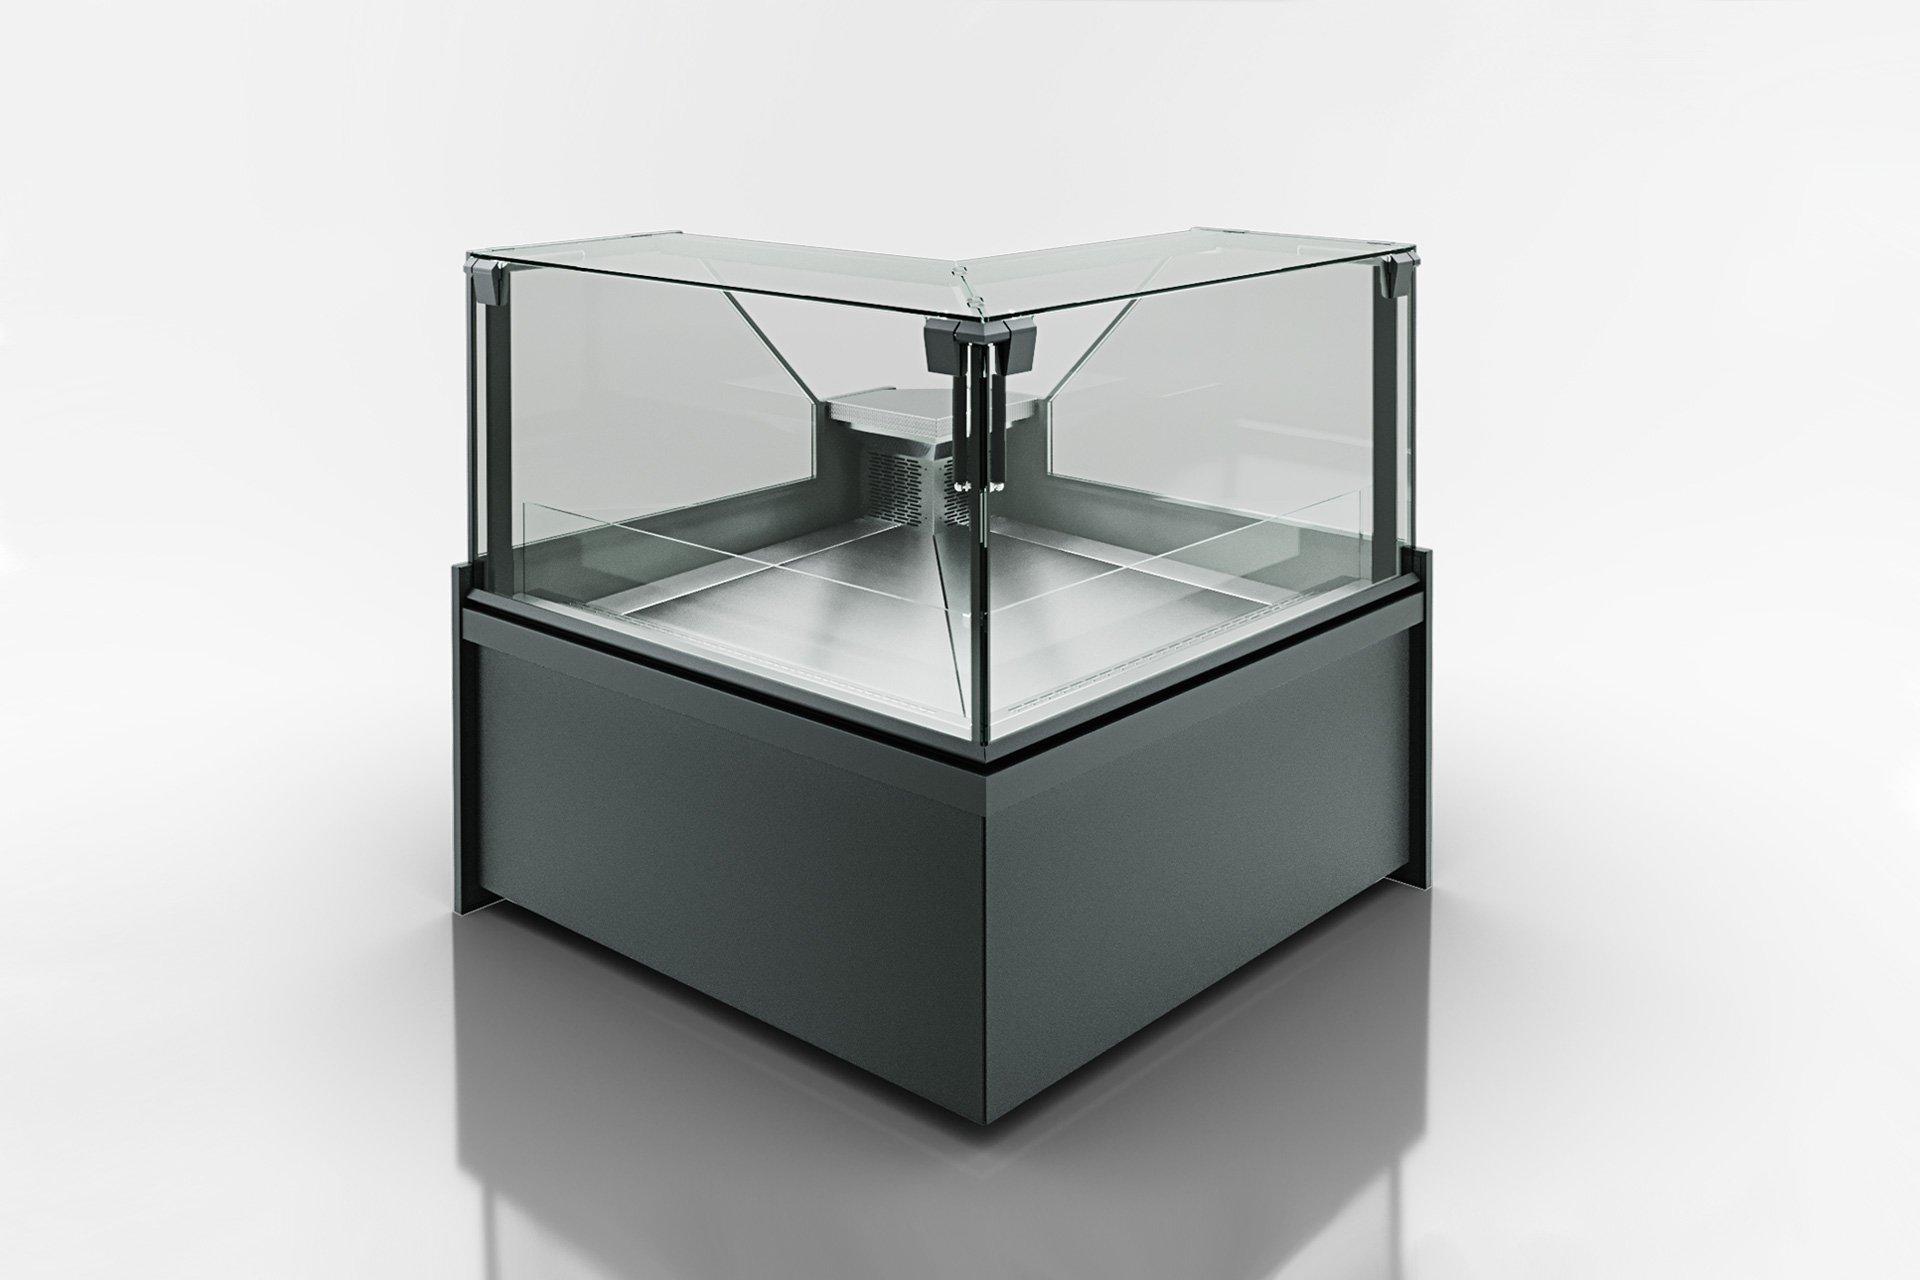 Угловые эленты холодильных витрин Missouri MC 120 deli PS 130-DLM-EL90